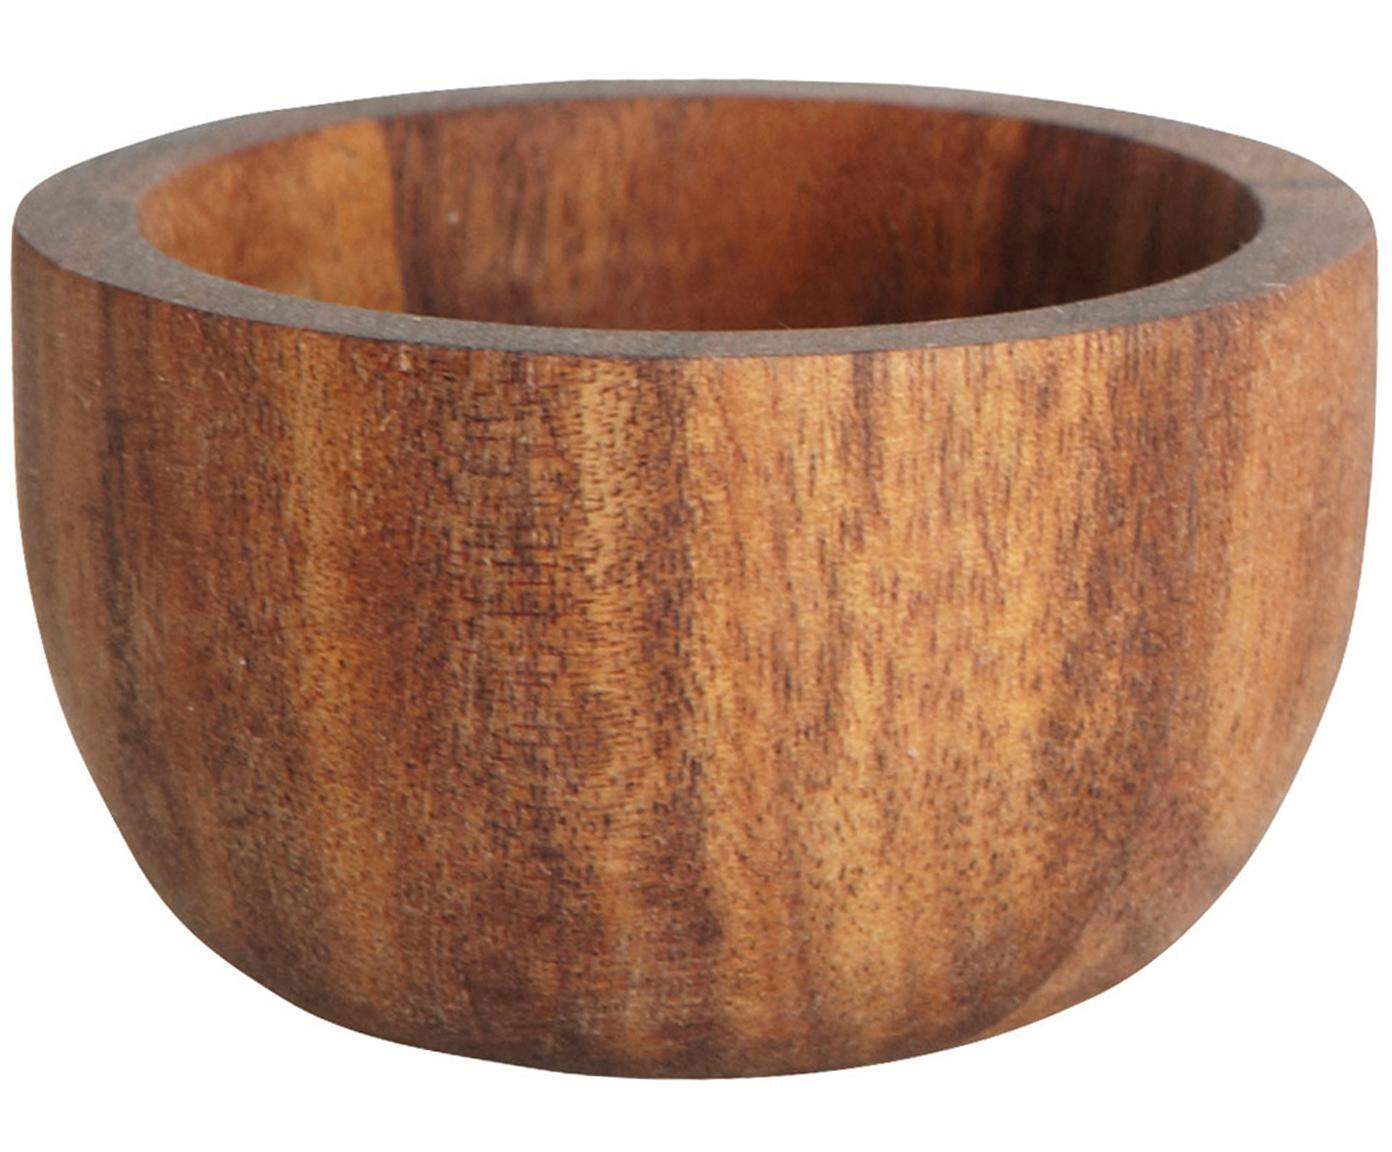 Eierbecher Nature, 6 Stück, Akazienholz, Braun, Ø 6 x H 3 cm